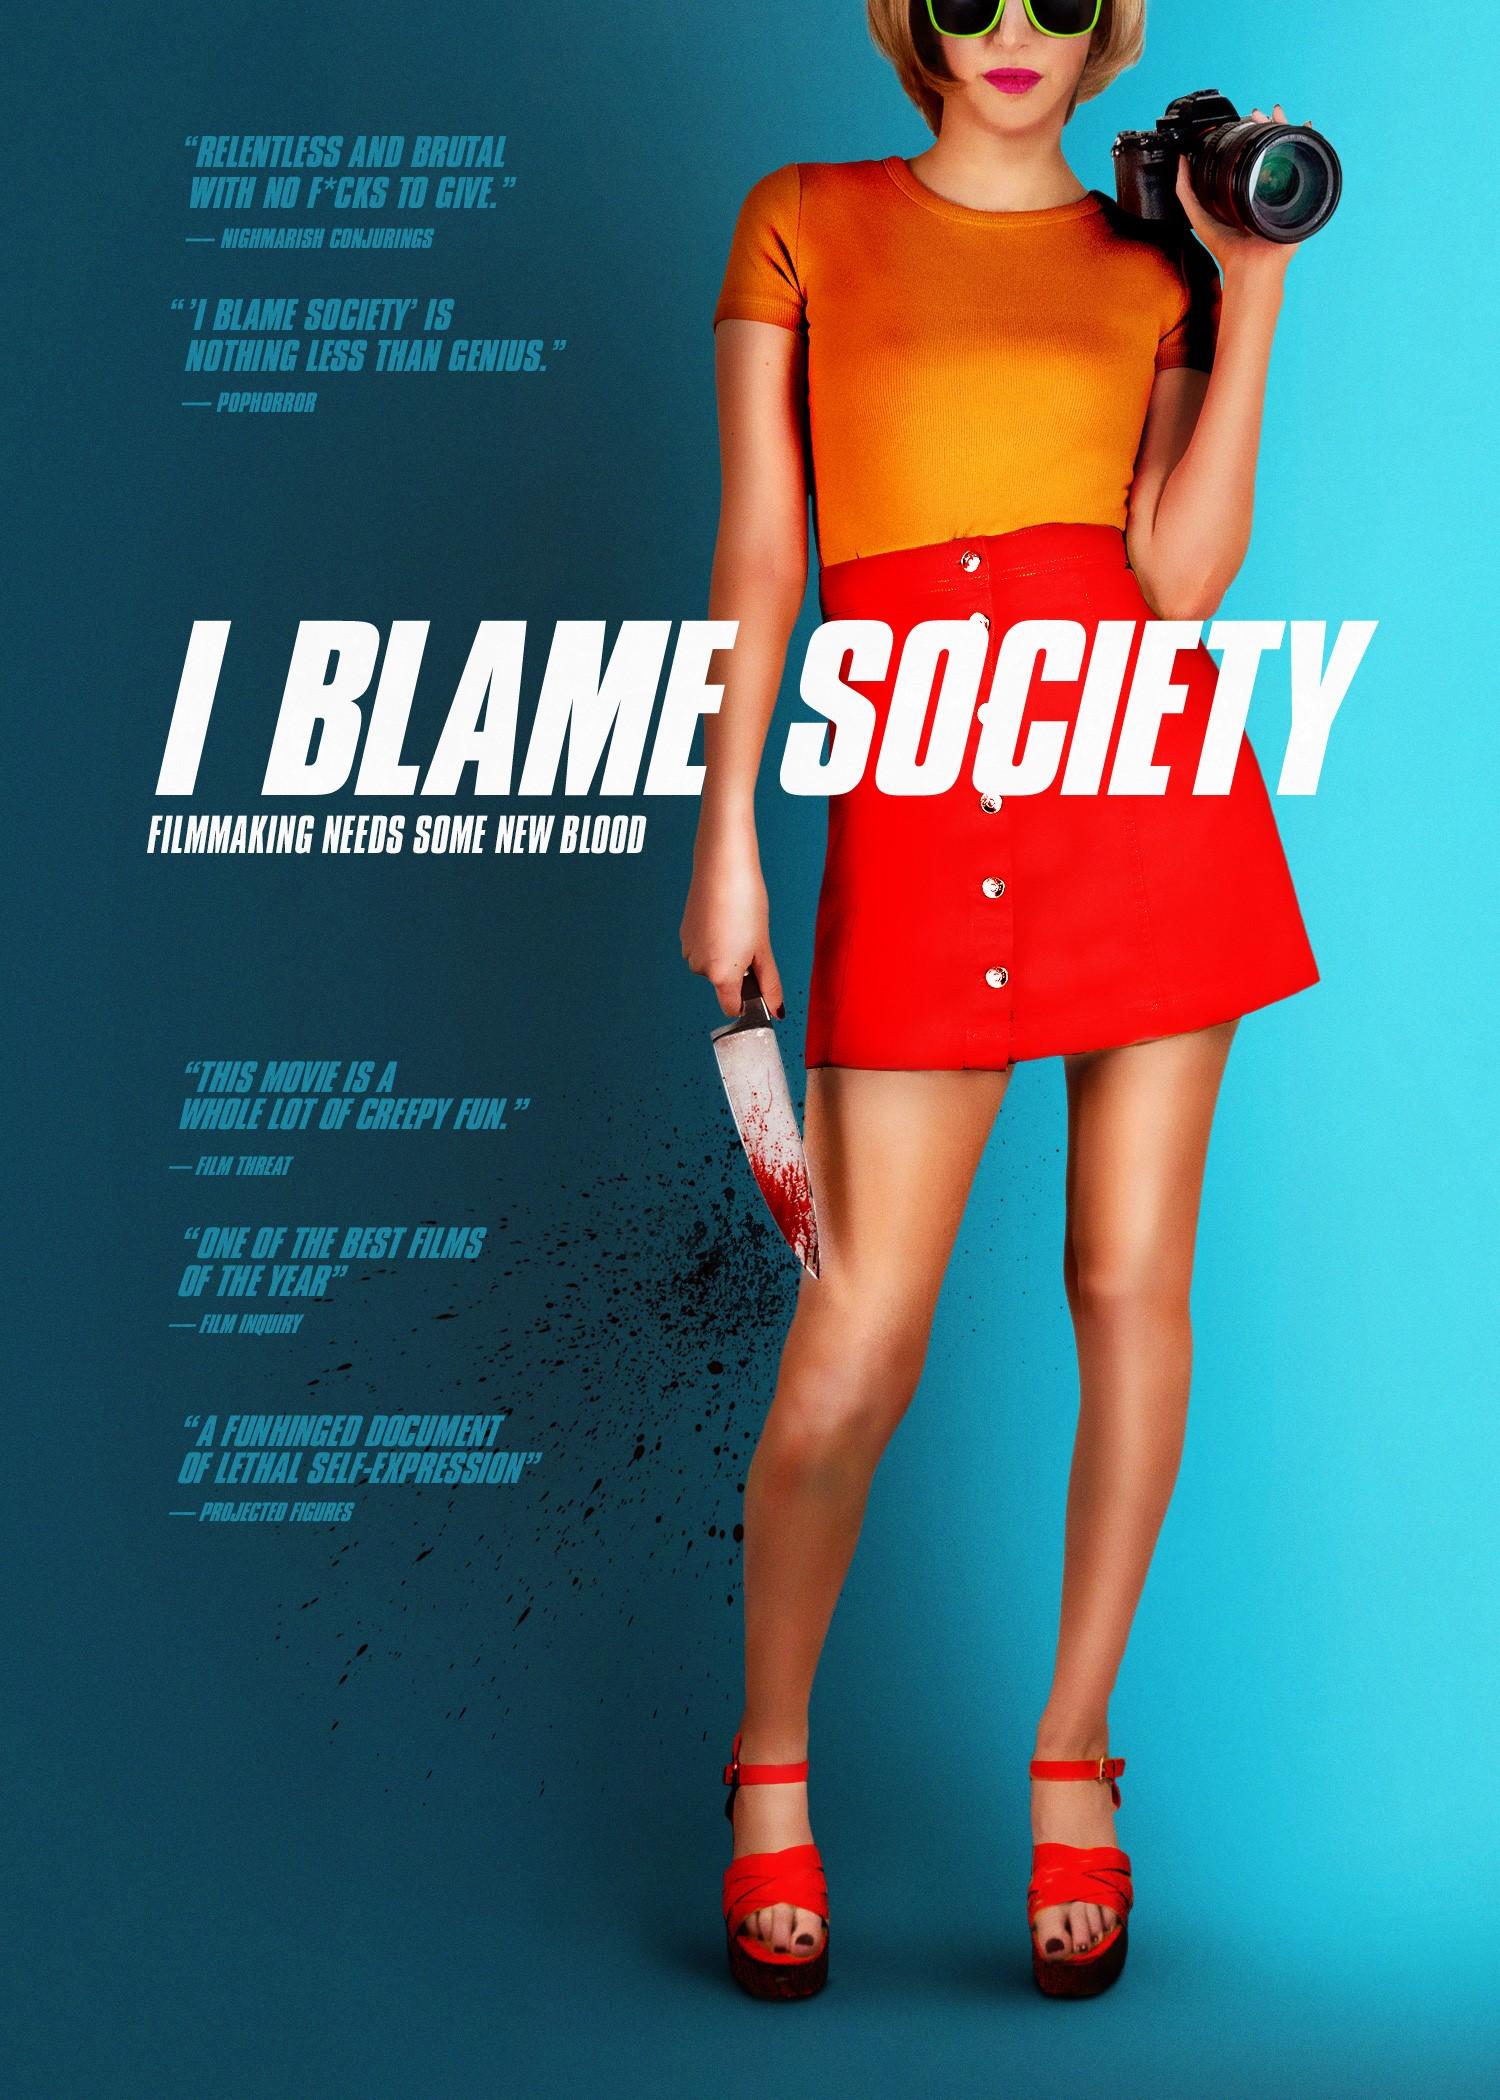 I Blame Society - main image